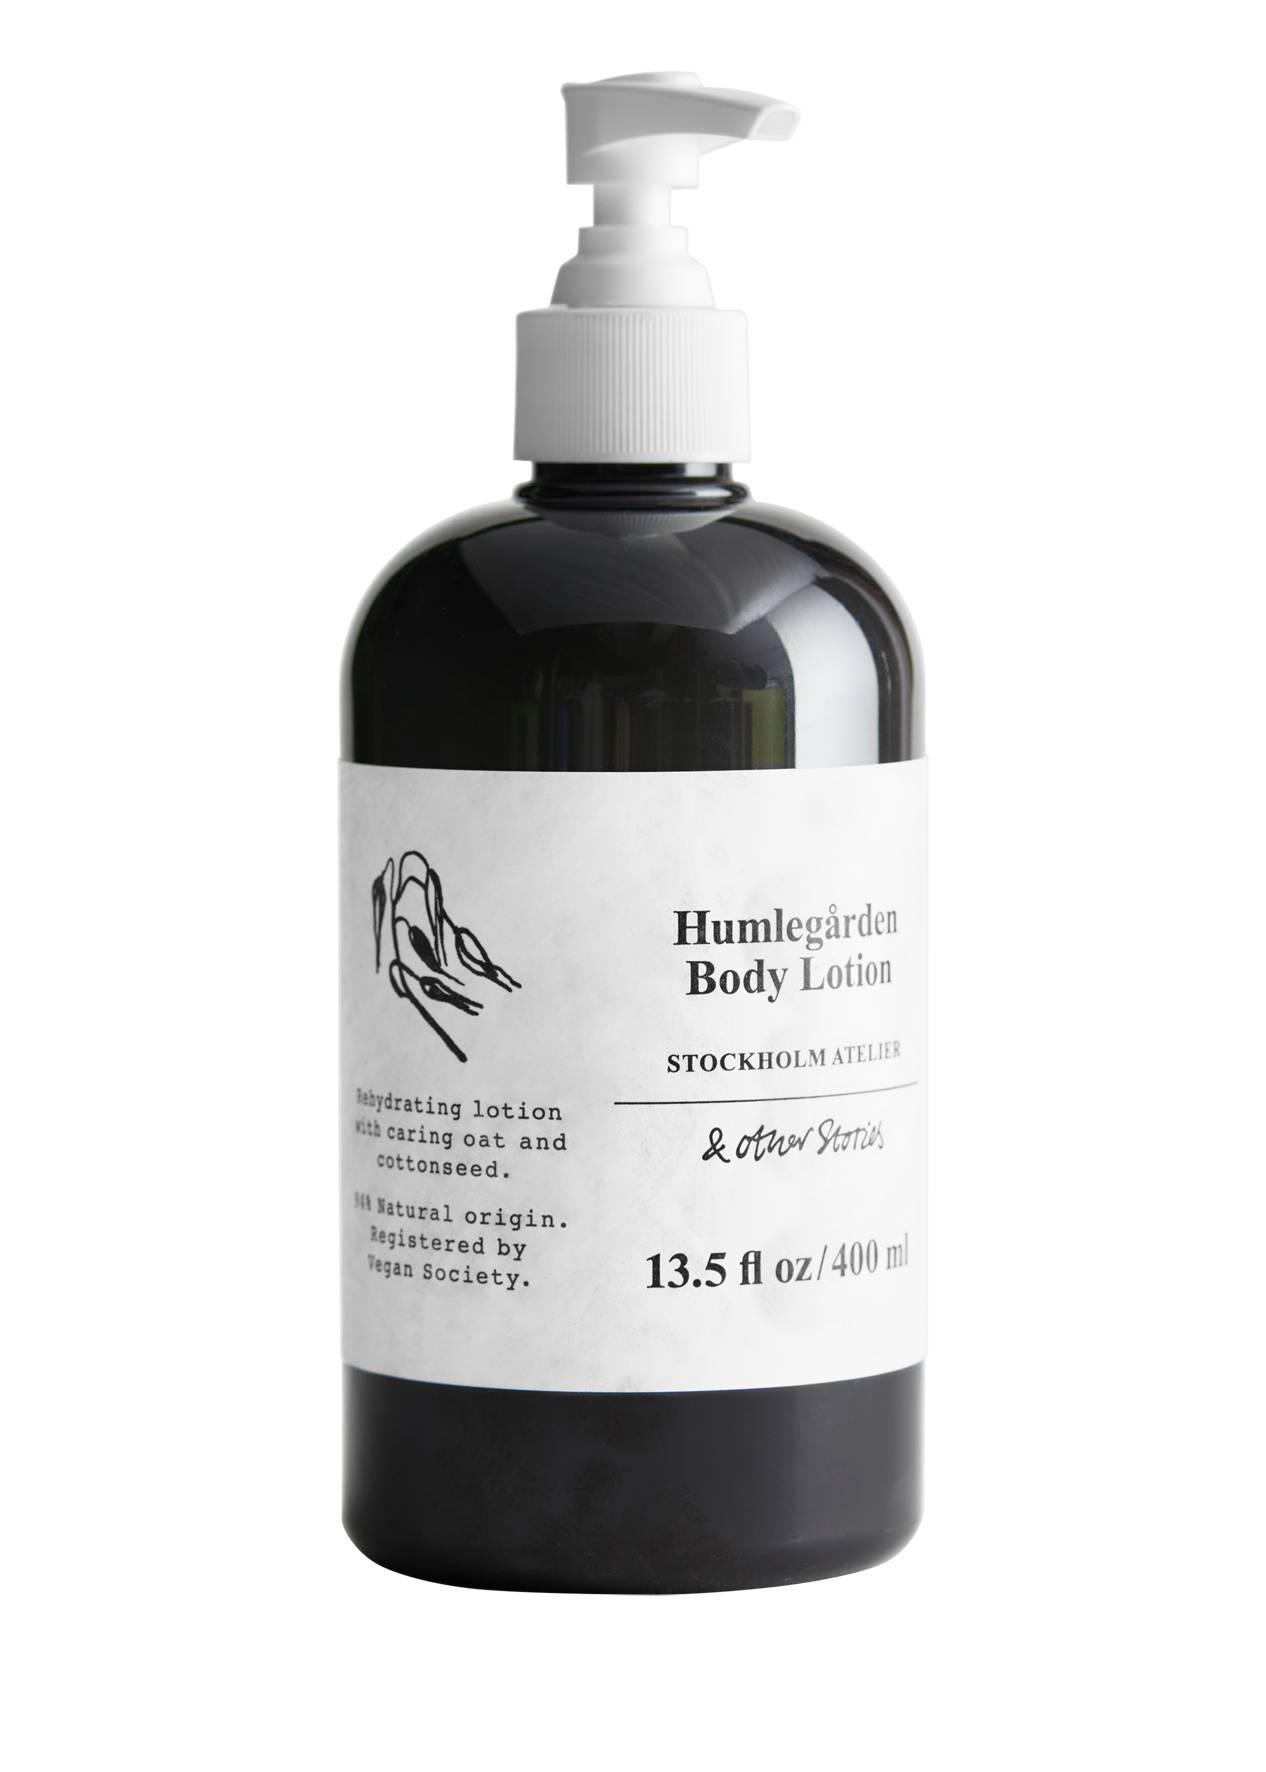 Loción corporal apta para veganos perfume algodón Humlegarden de & Others Stories